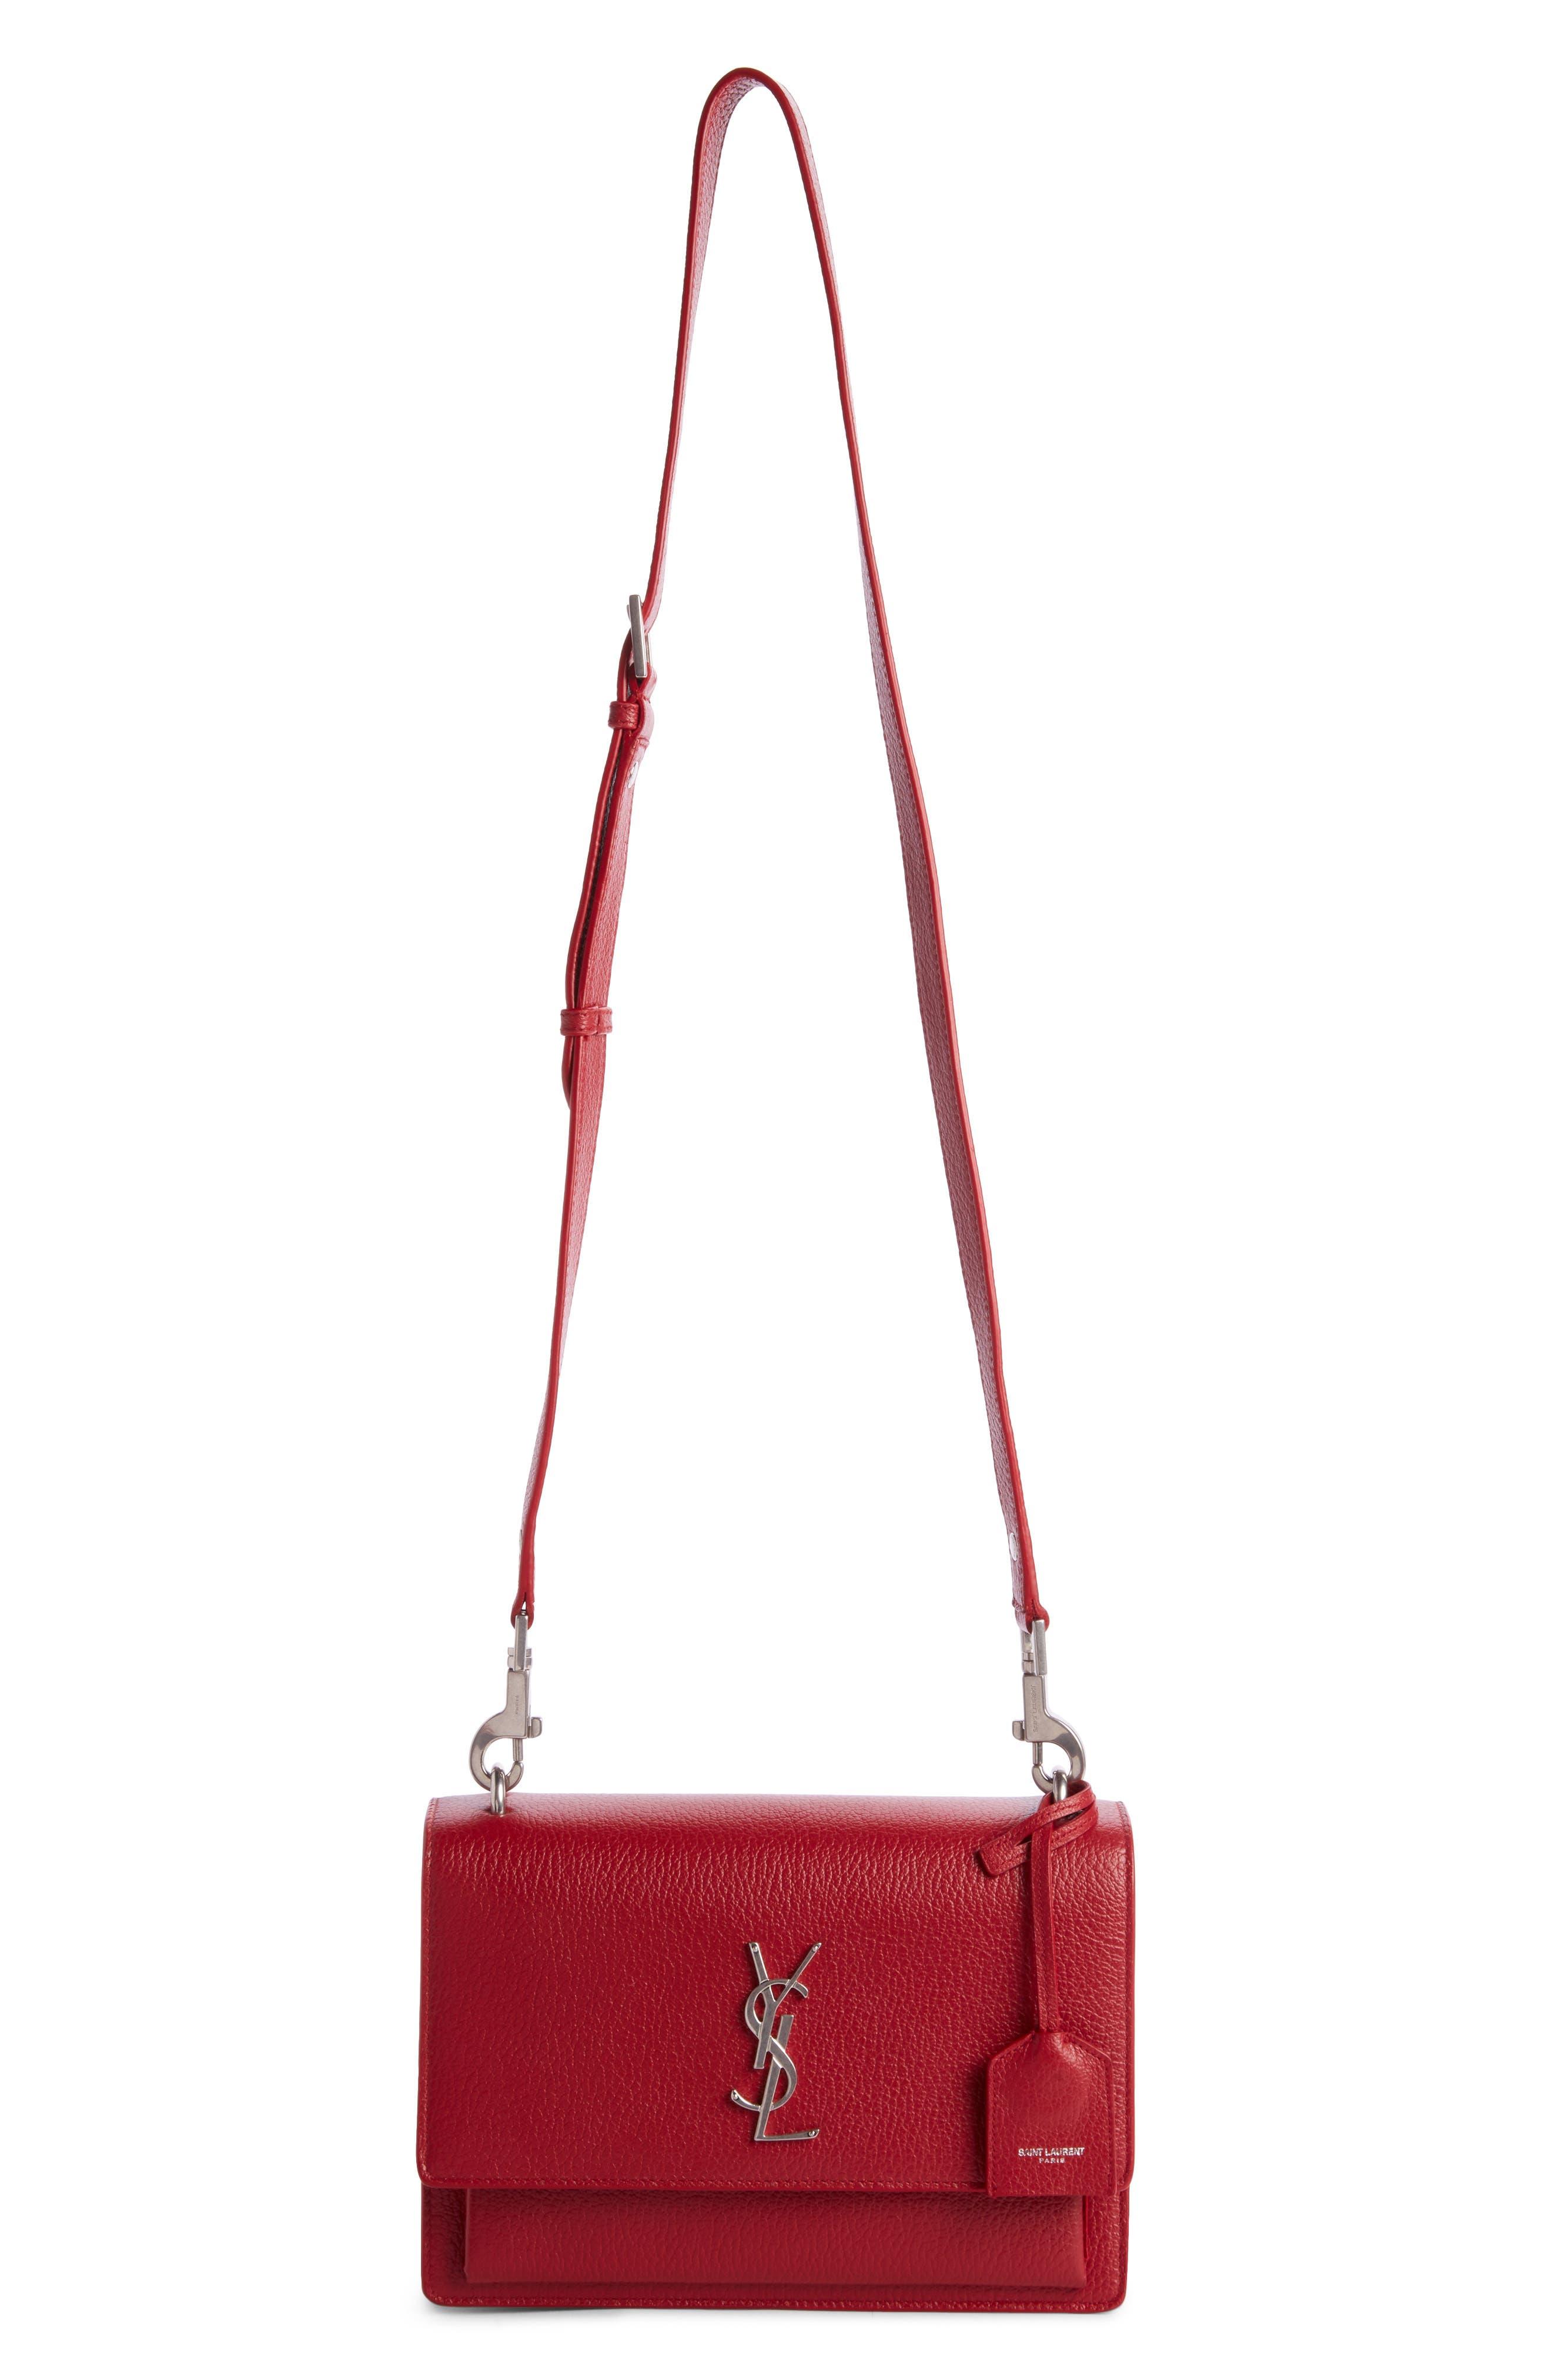 Medium Sunset Grained Leather Shoulder Bag,                         Main,                         color, 600